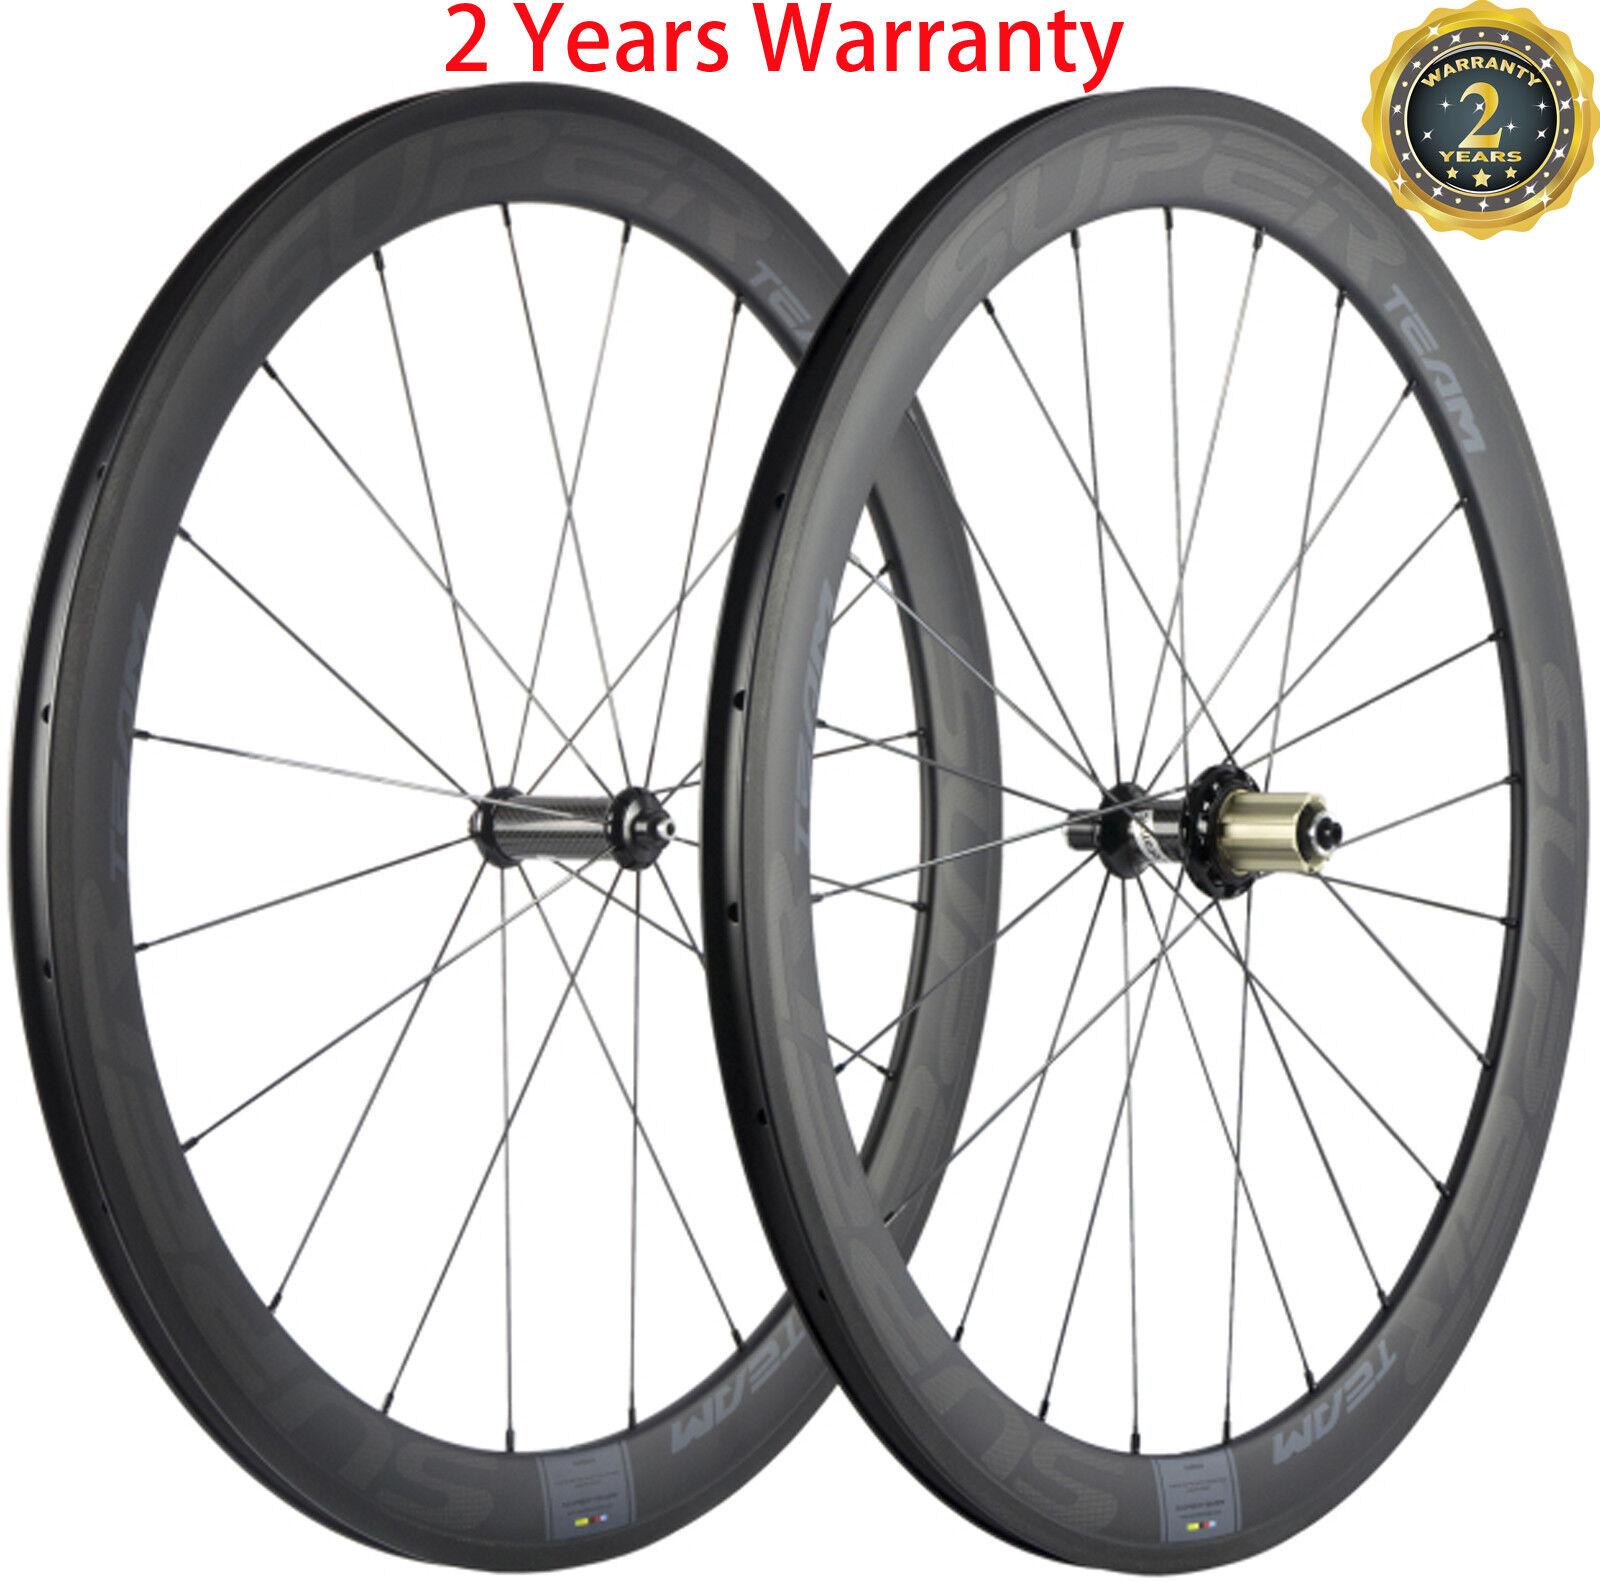 Road Bike R36 Hub Carbon Wheels Powerway R36 Carbon Bike  Wheelset 8 9 10 11S  hot